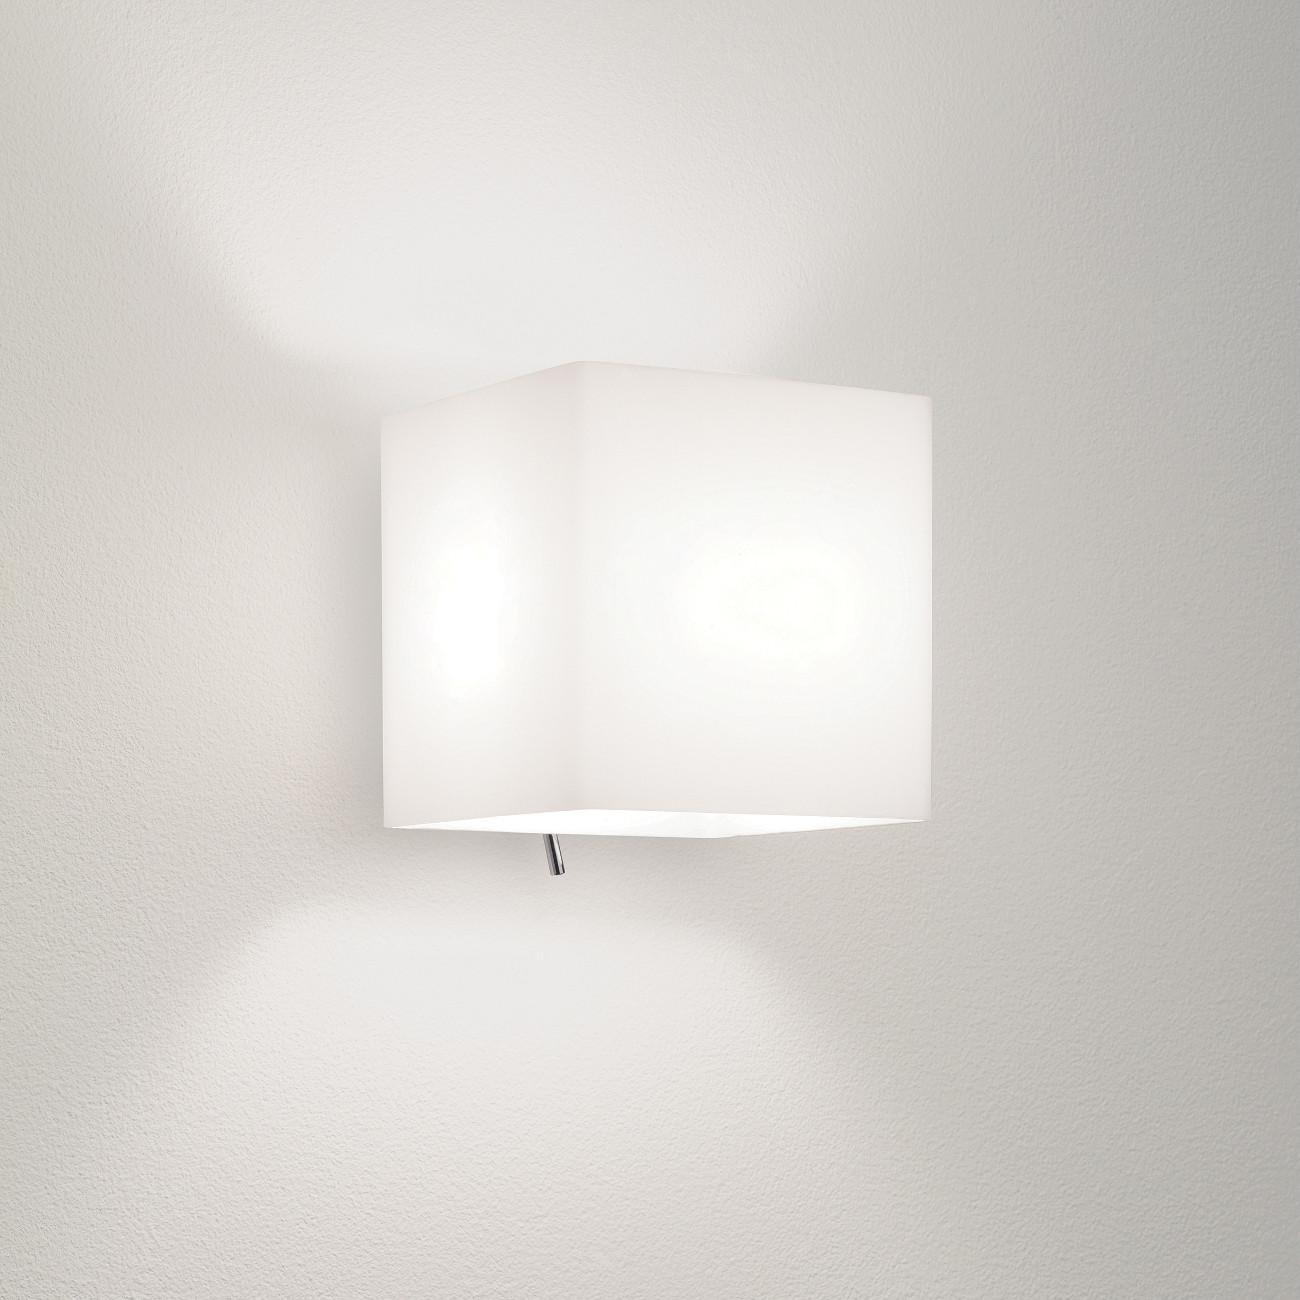 Wandlampe Mit Schalter  Quadratische Wandlampe Glas matt mit Kipp Schalter LUGA